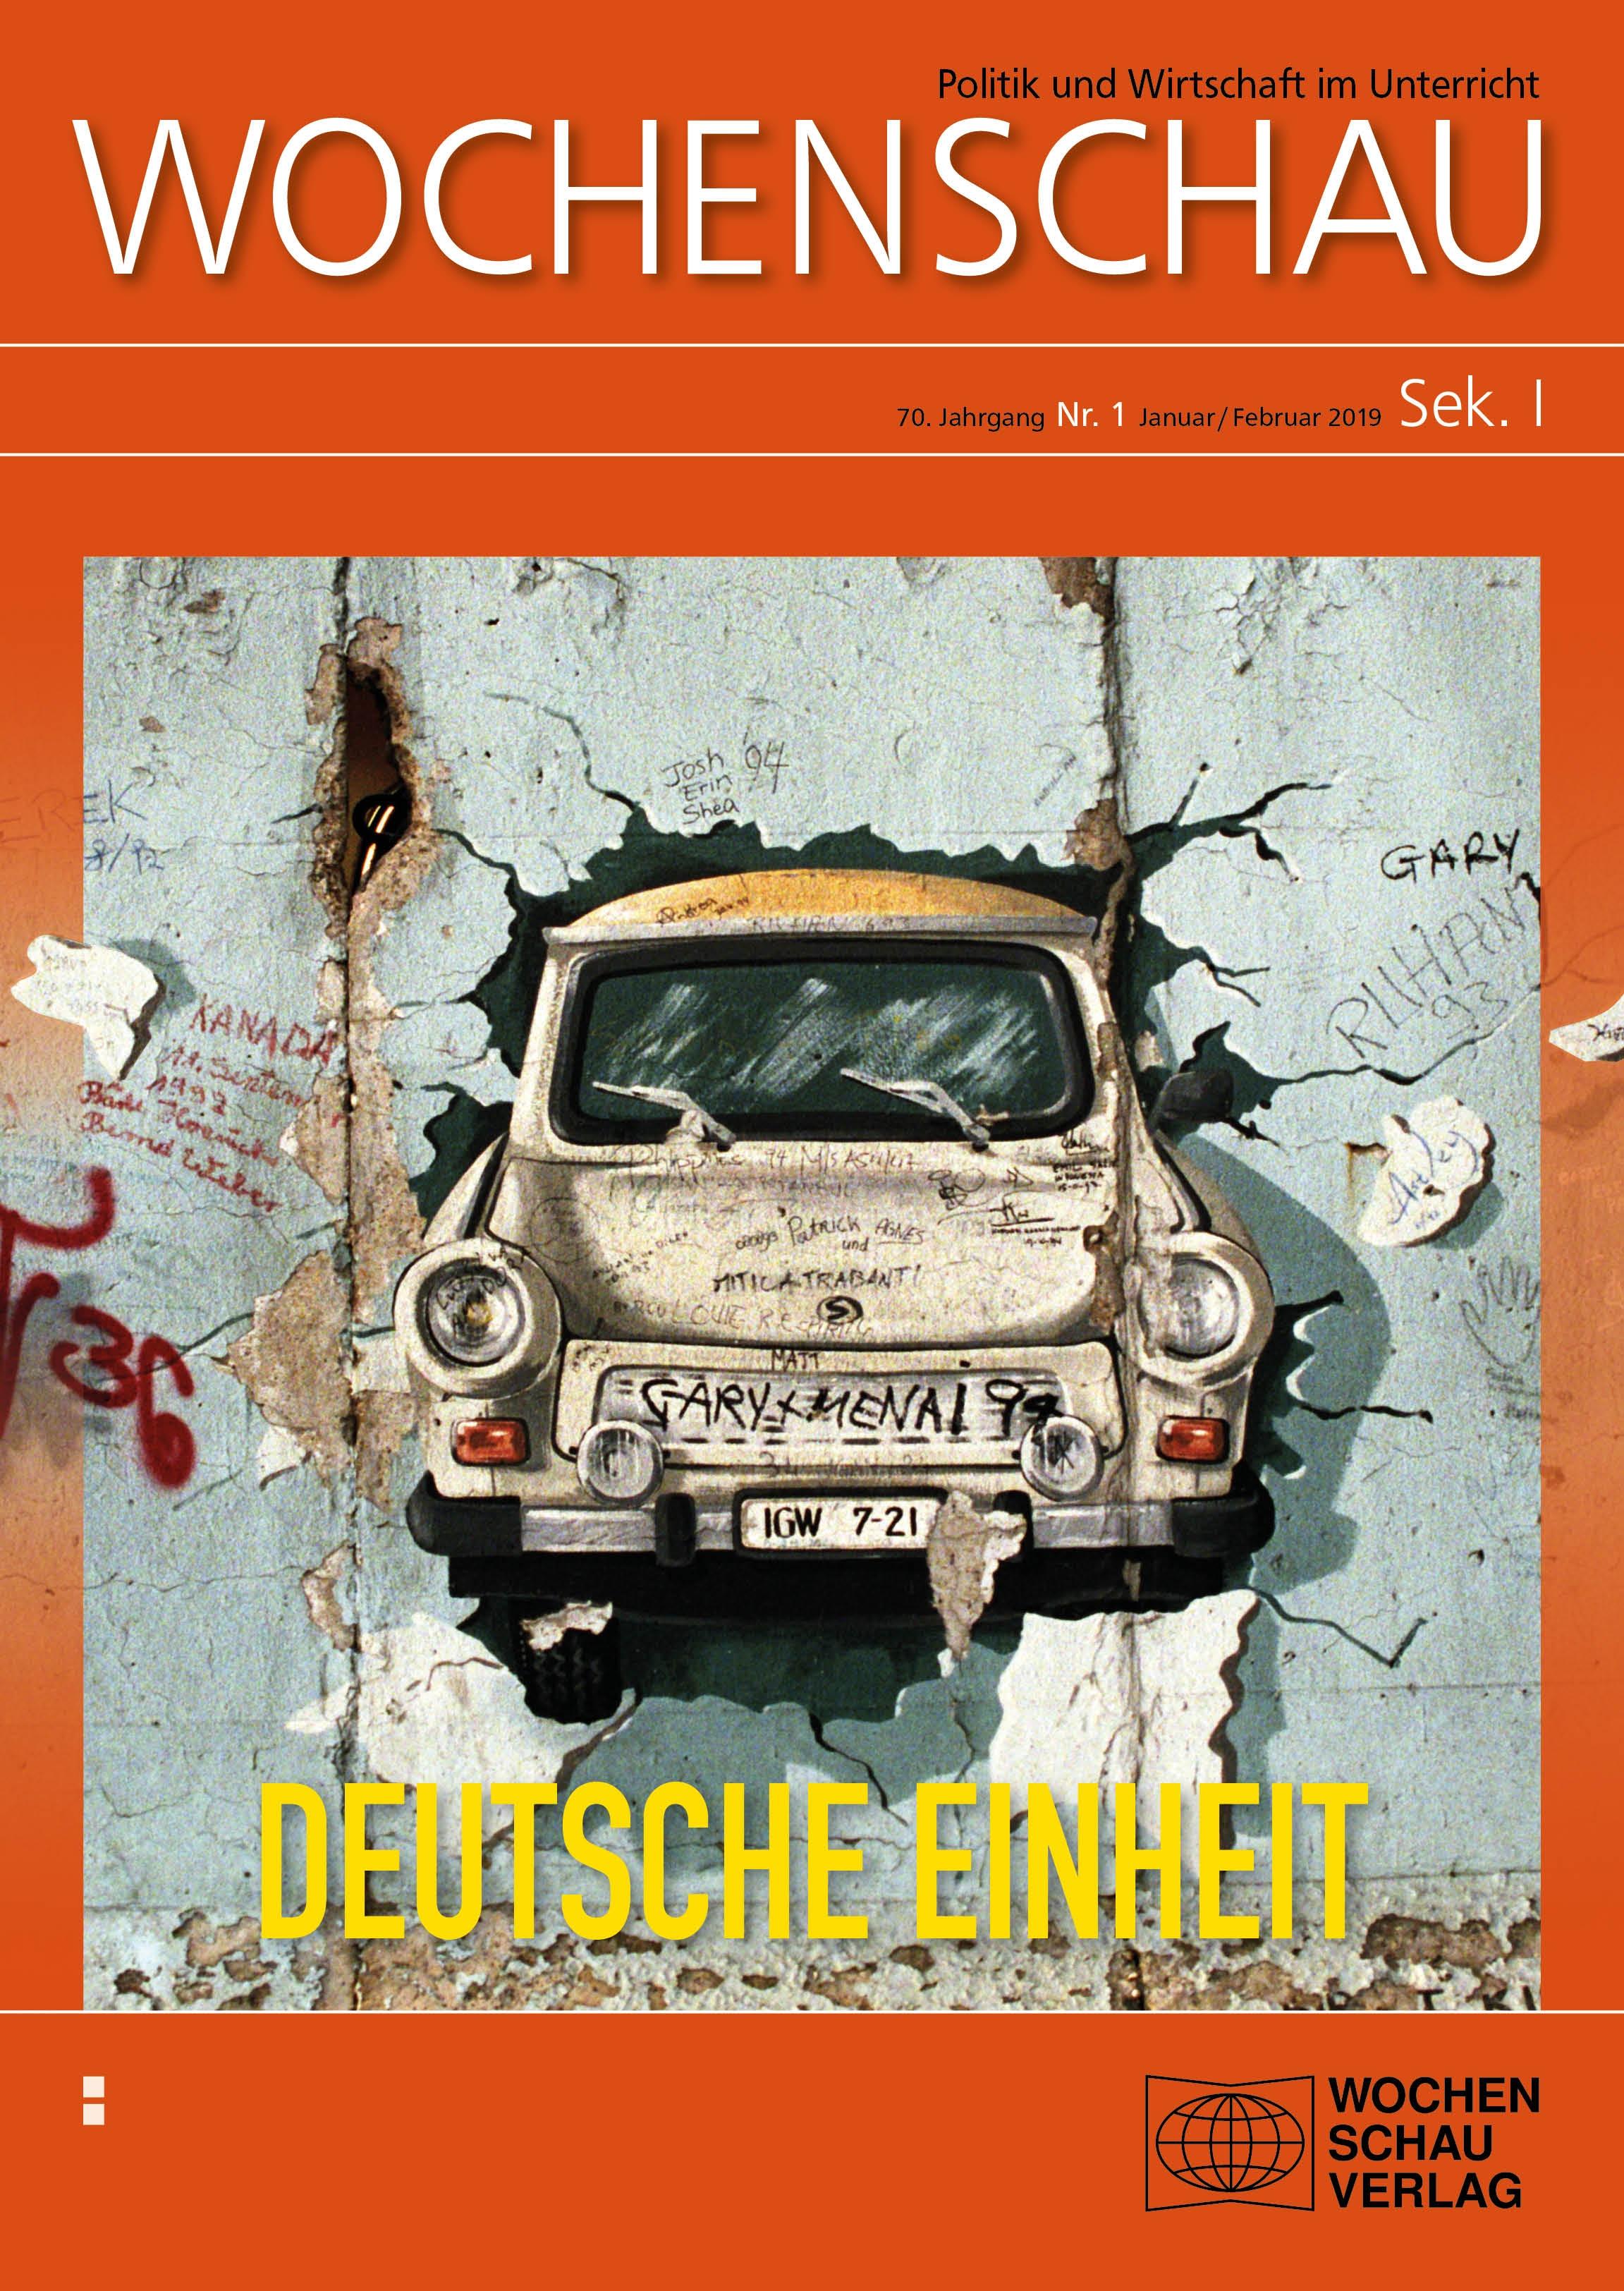 Deutsche Einheit, Mauerfall, Ost-West, Wiedervereinigung, 30 Jahre, Zusammenhalt